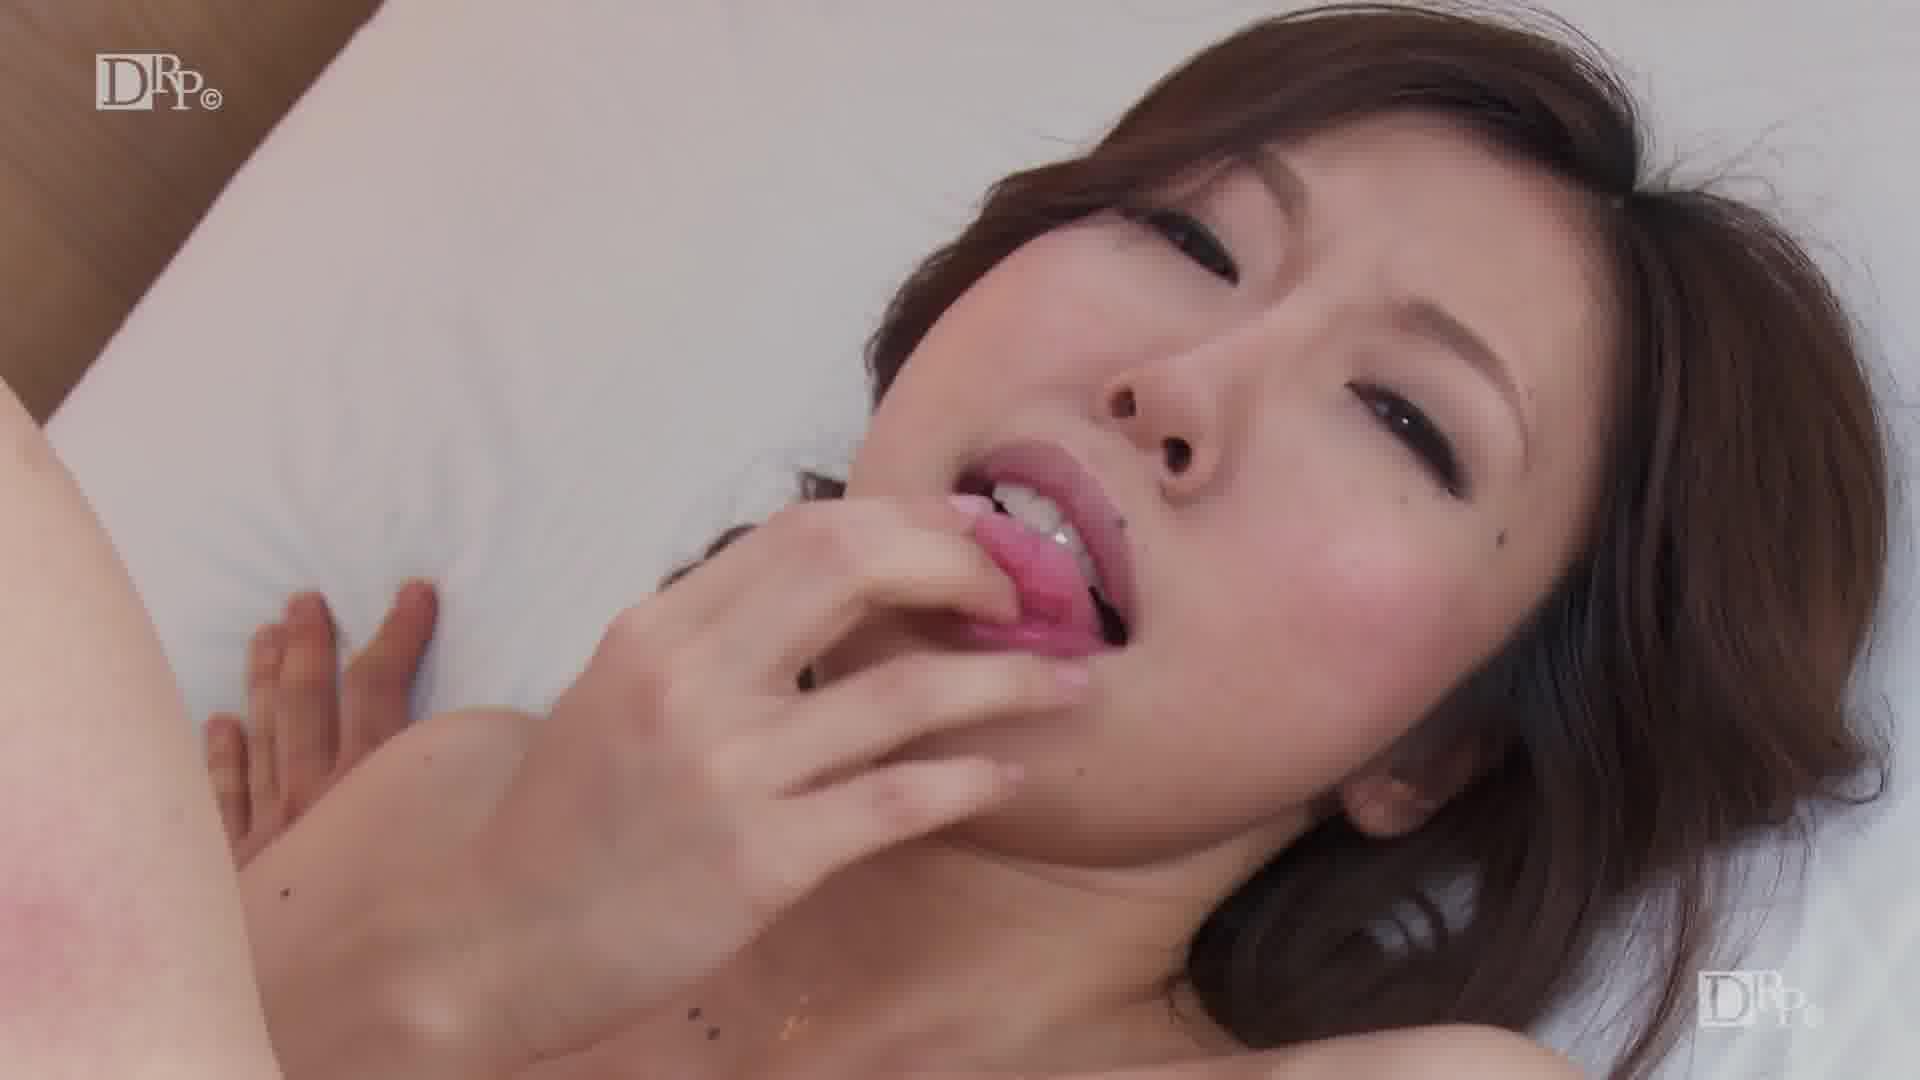 一度濡れたら止まらない私の欲情 - 三浦凛【美乳・美尻・中出し】